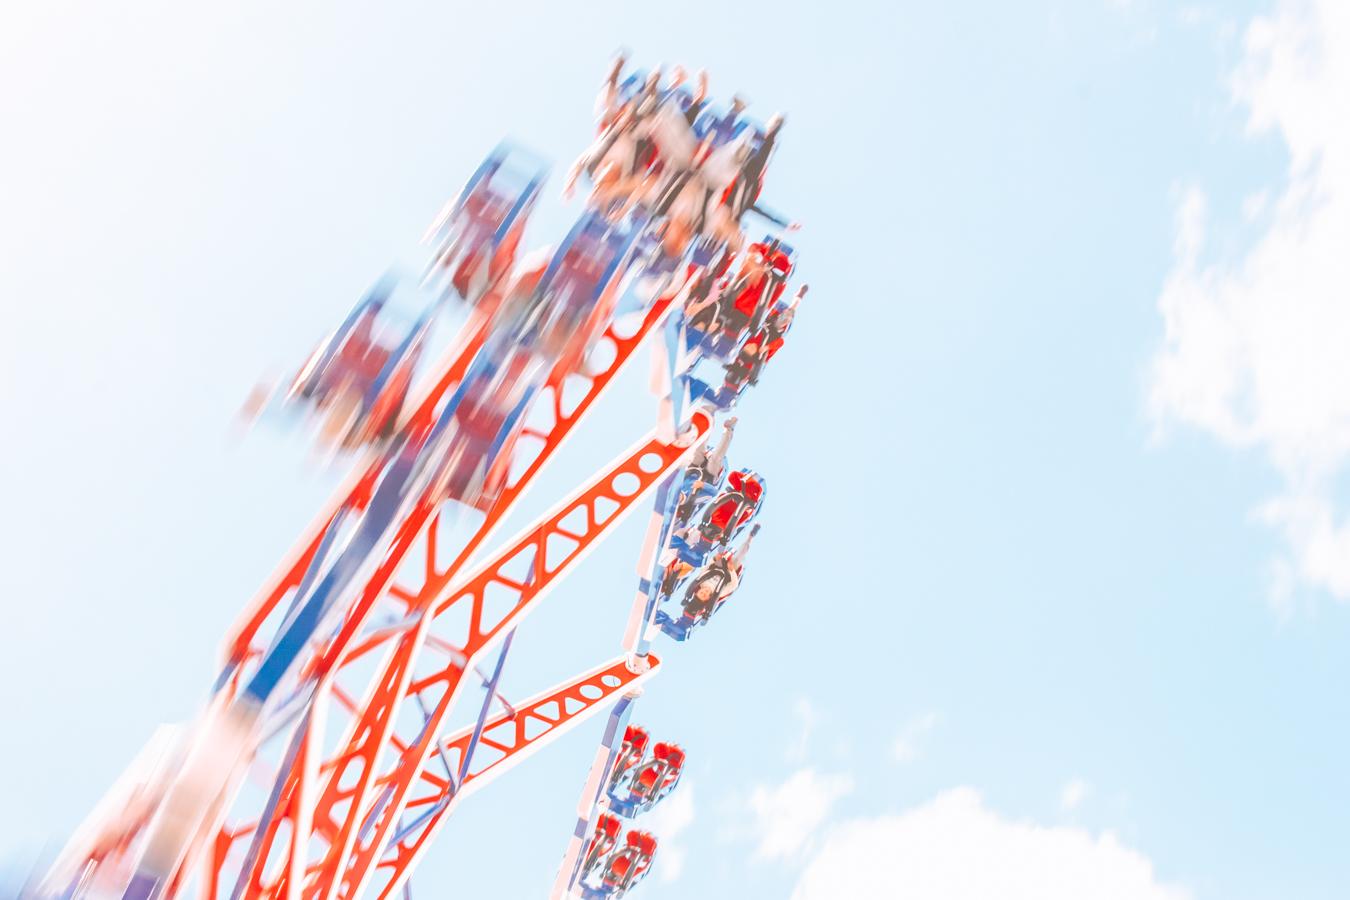 Roller coaster Tayto Park